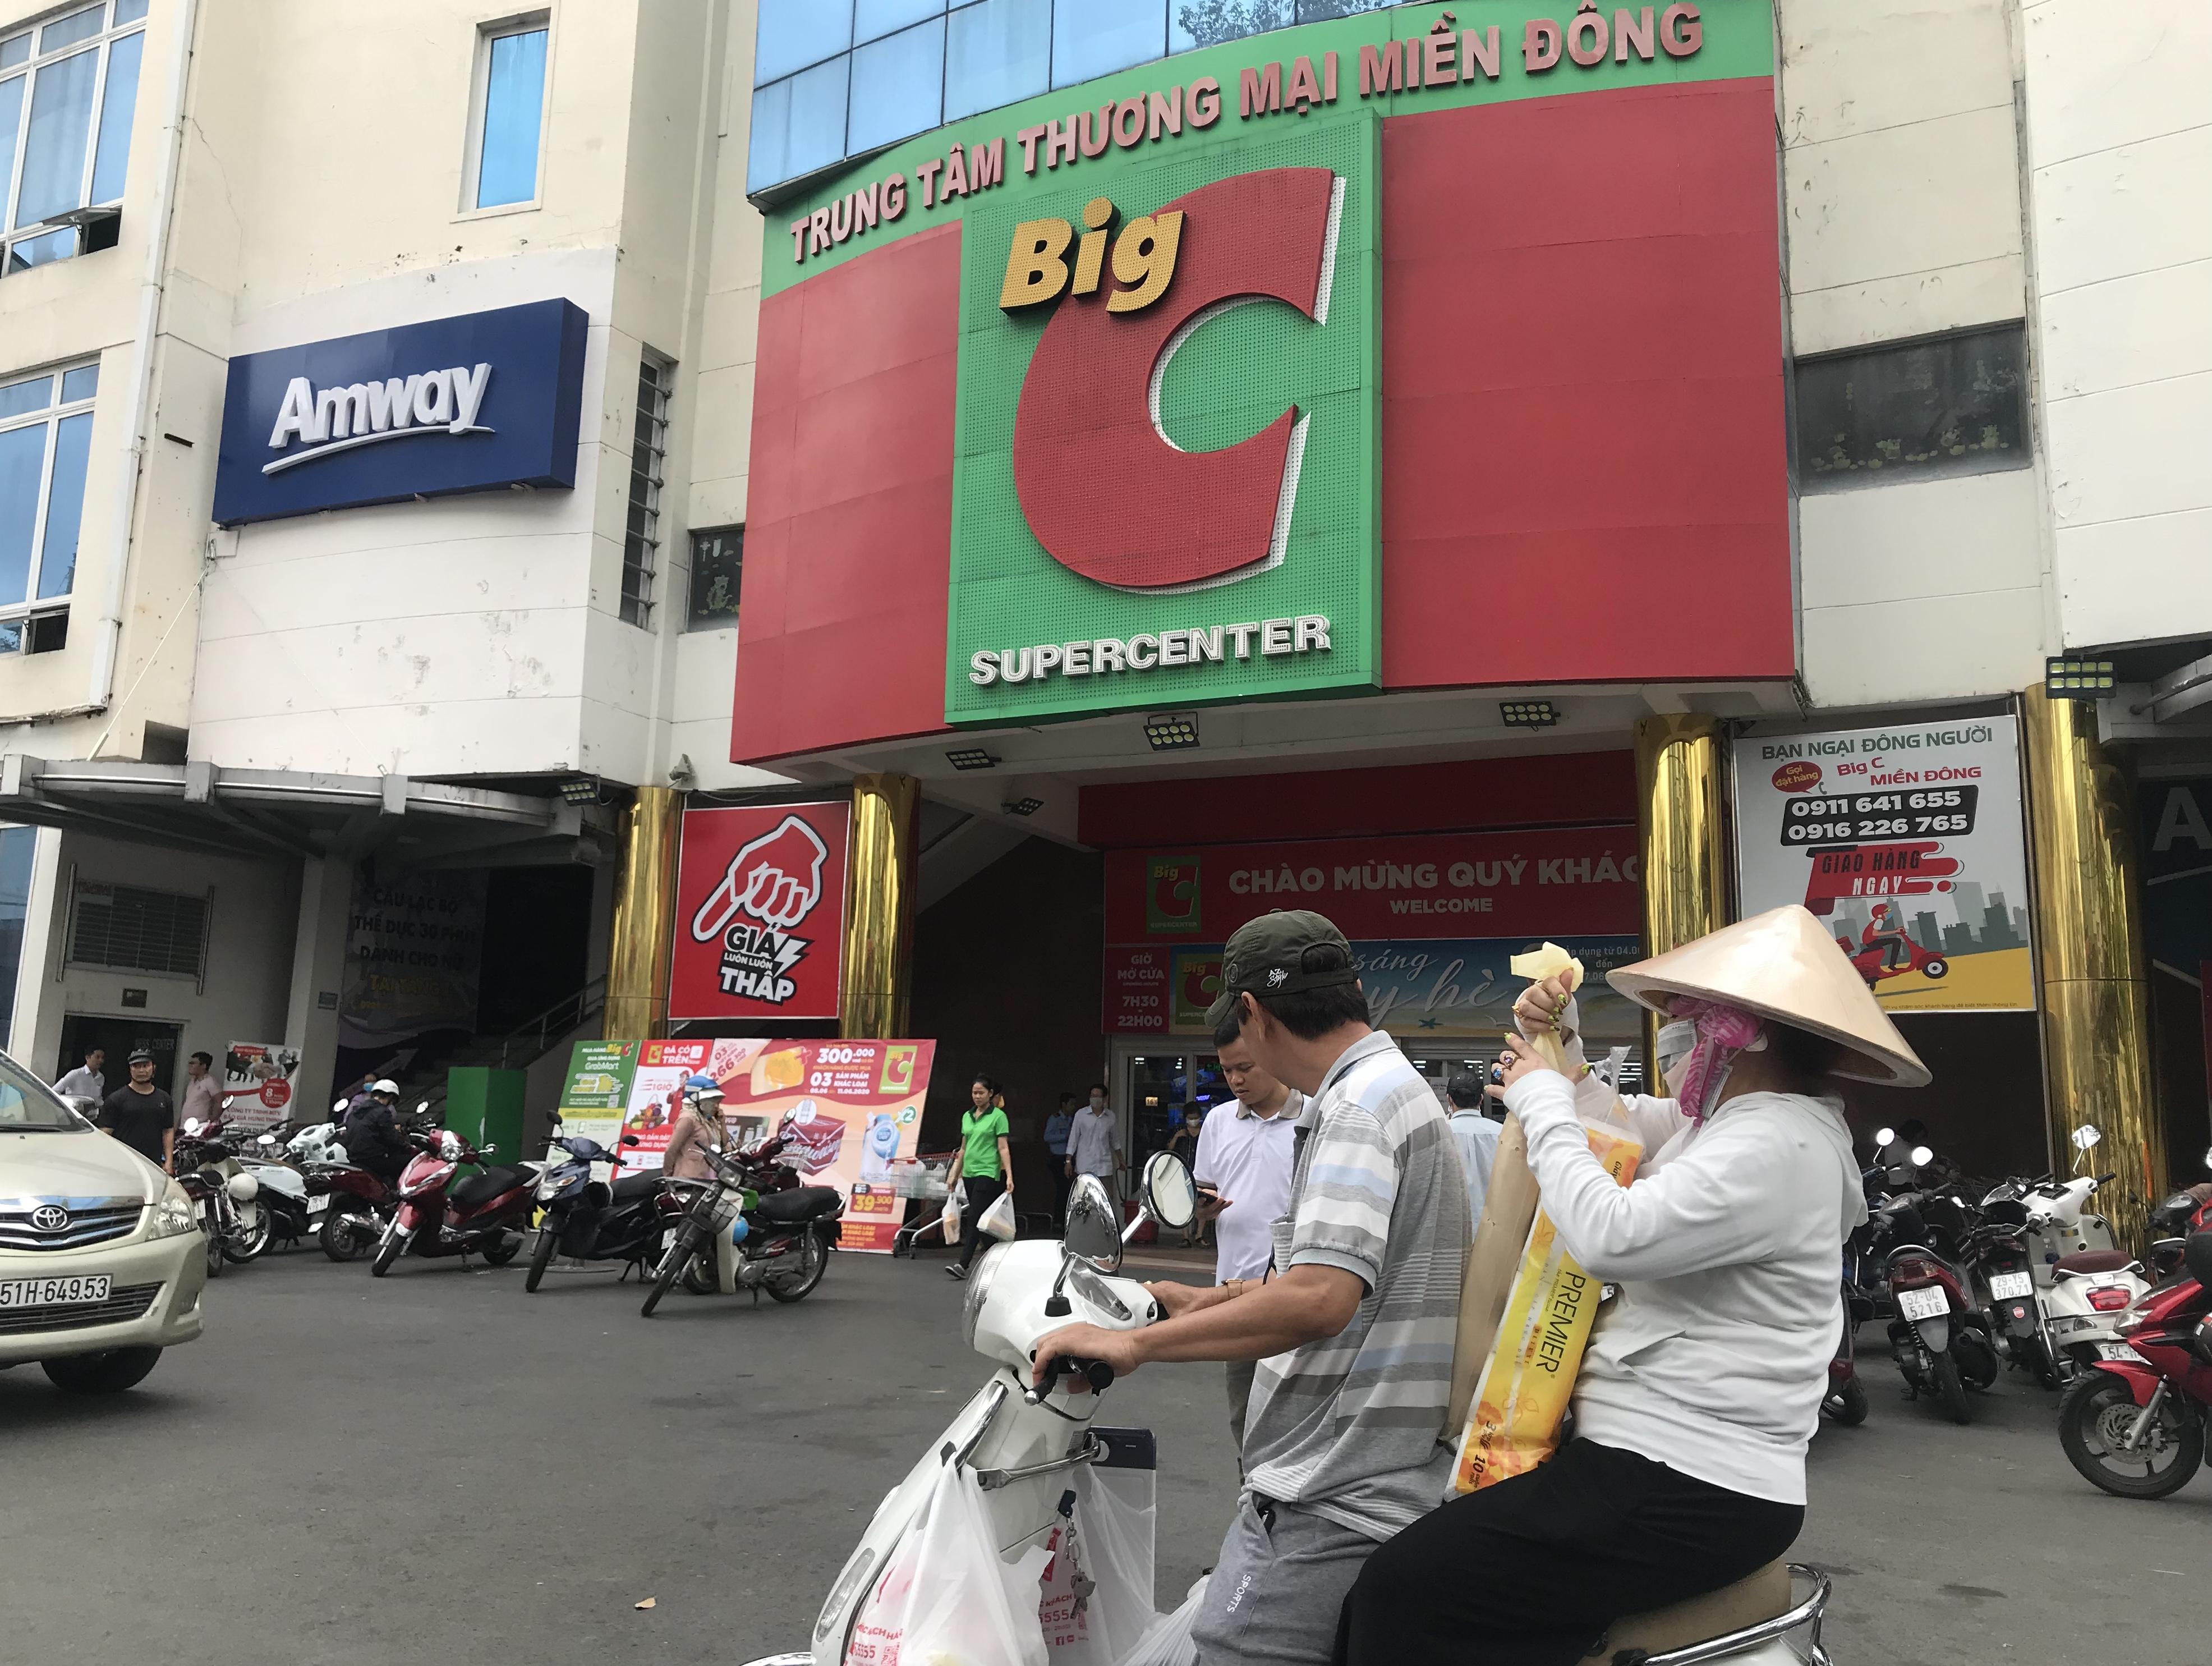 Sắp đóng cửa, Big C miền Đông ồ ạt khuyến mãi, người tiêu dùng lạc trong mê cung hàng giá sốc - Ảnh 1.